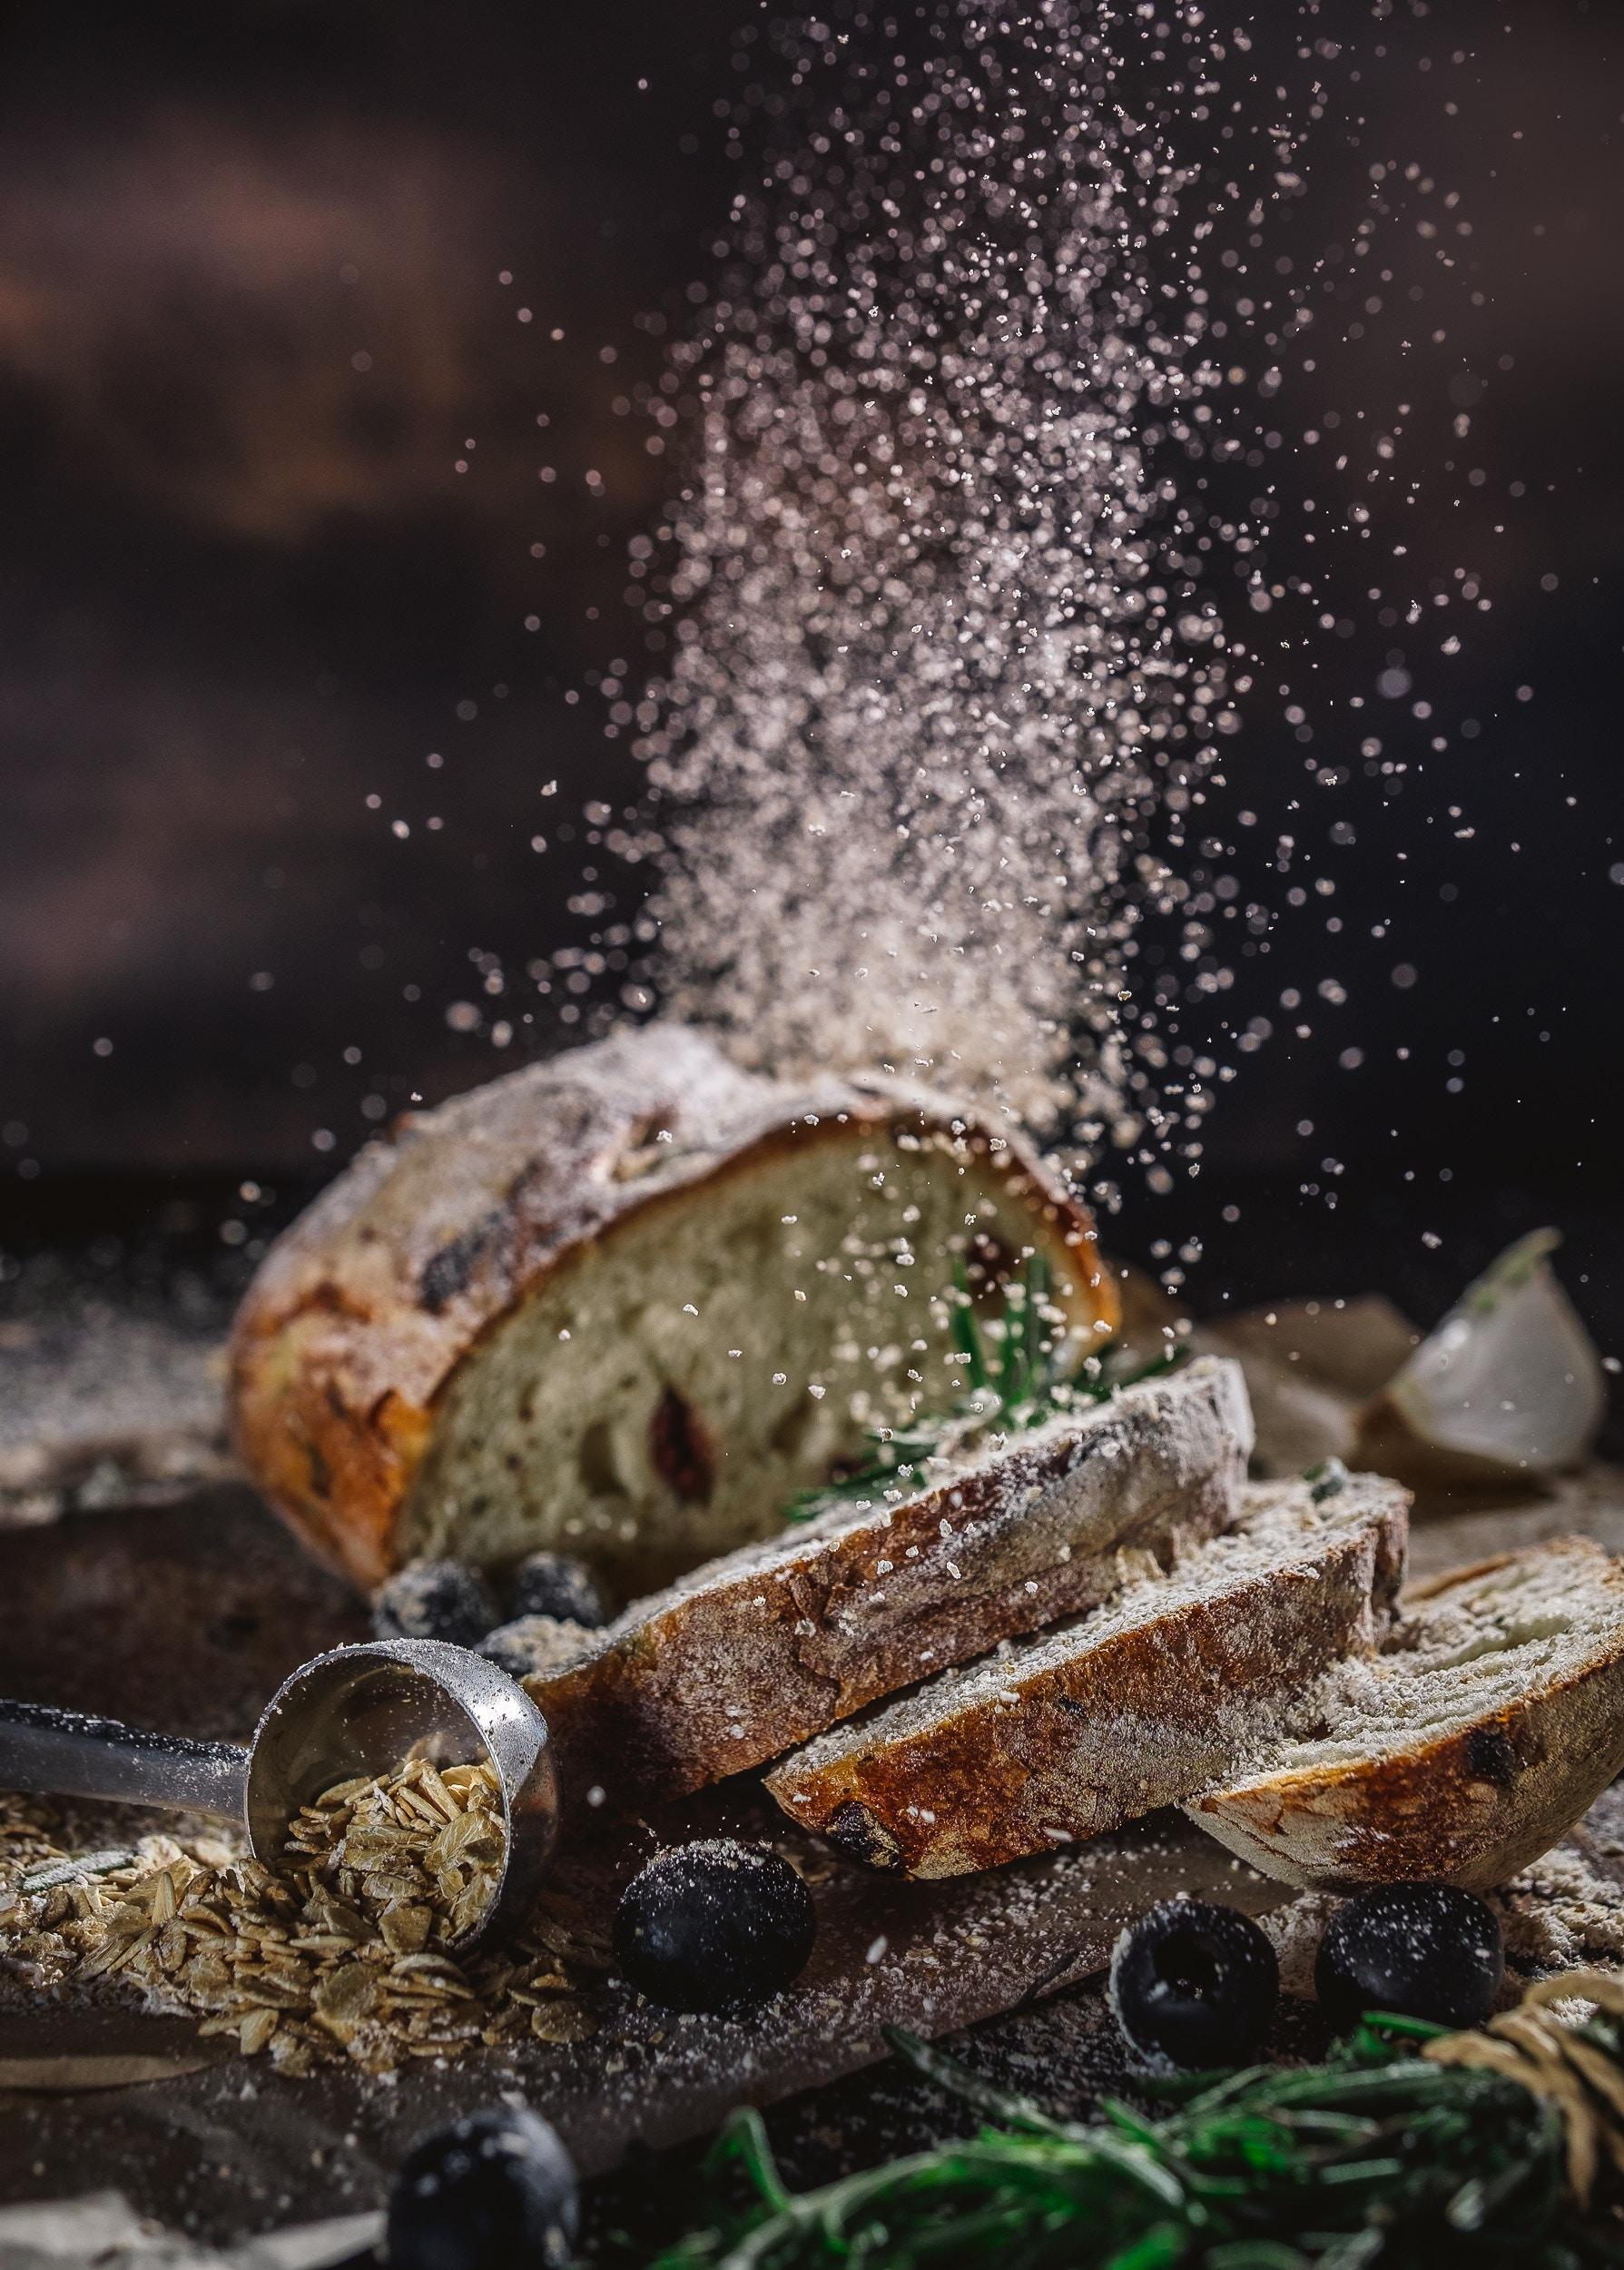 pjolter_image_bread